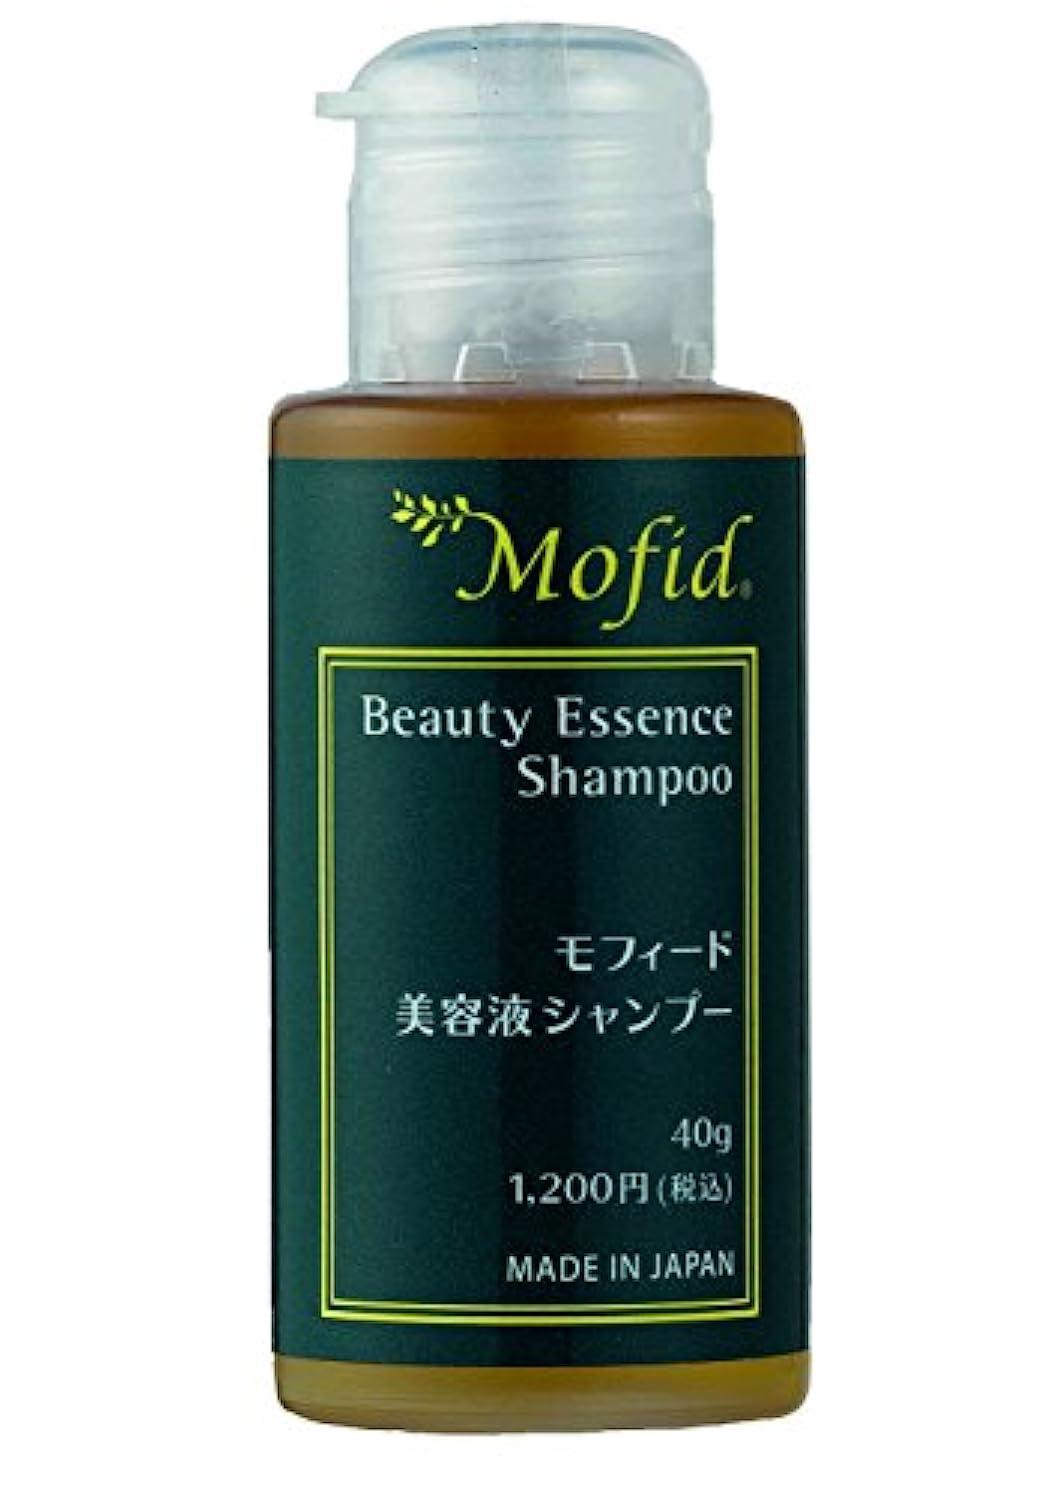 五前任者攻撃的日本製 モフィード 美容液 シャンプー 40g 【ハラル Halal 認証 シャンプー】 Mofid Beauty Serum Shampoo